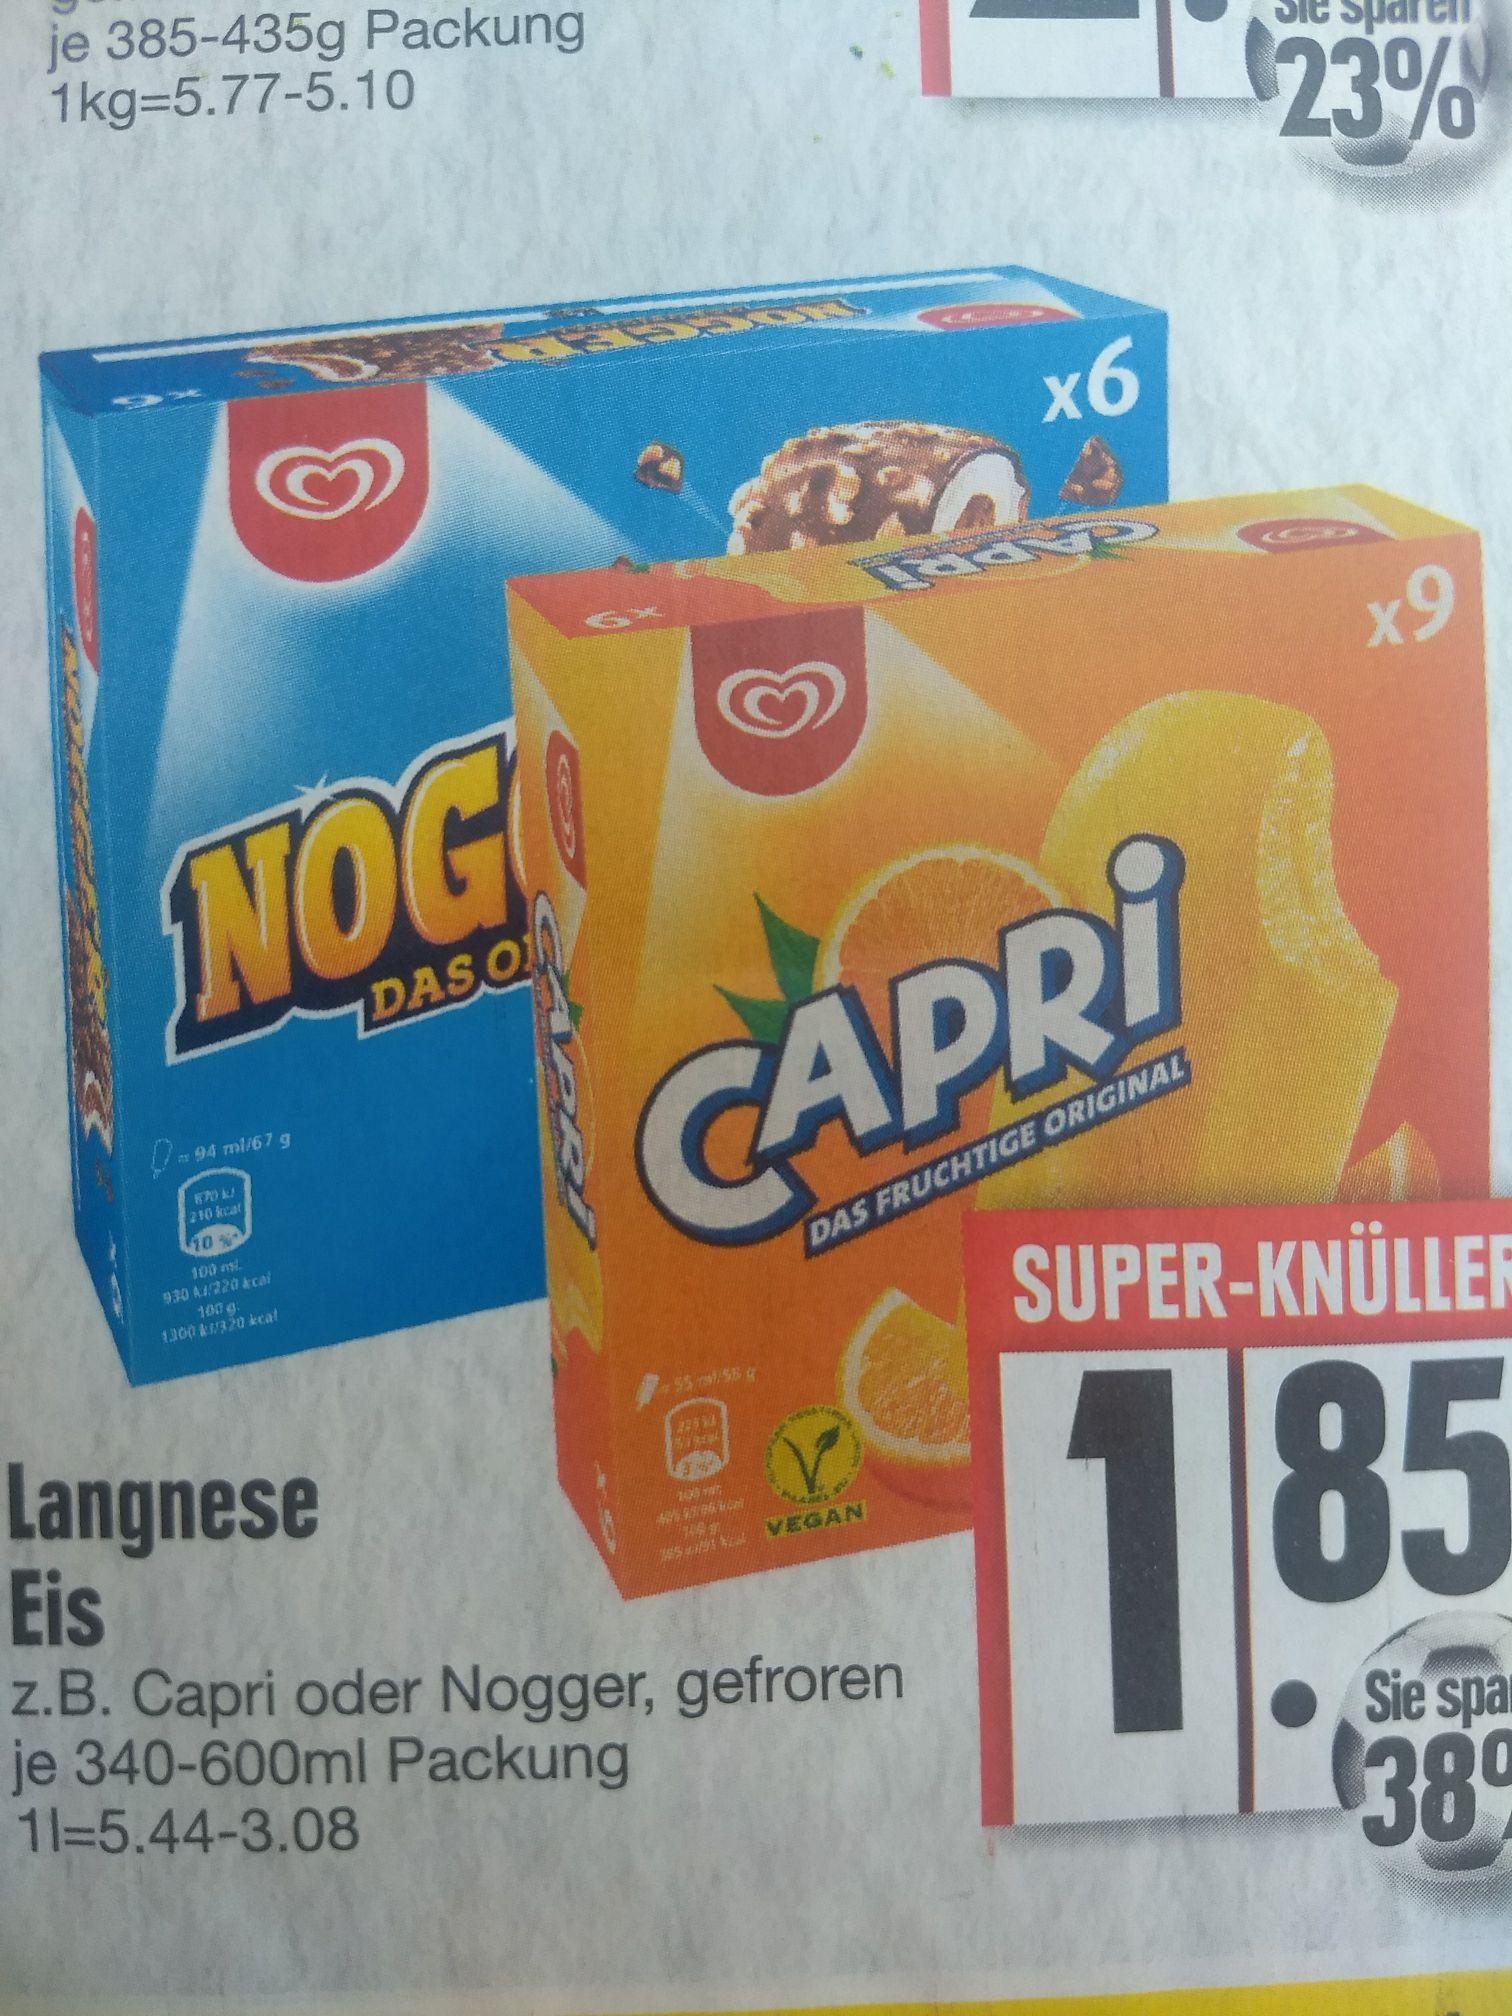 Edeka Süd hat Langnese Eis im Multipack für nur 1,85€